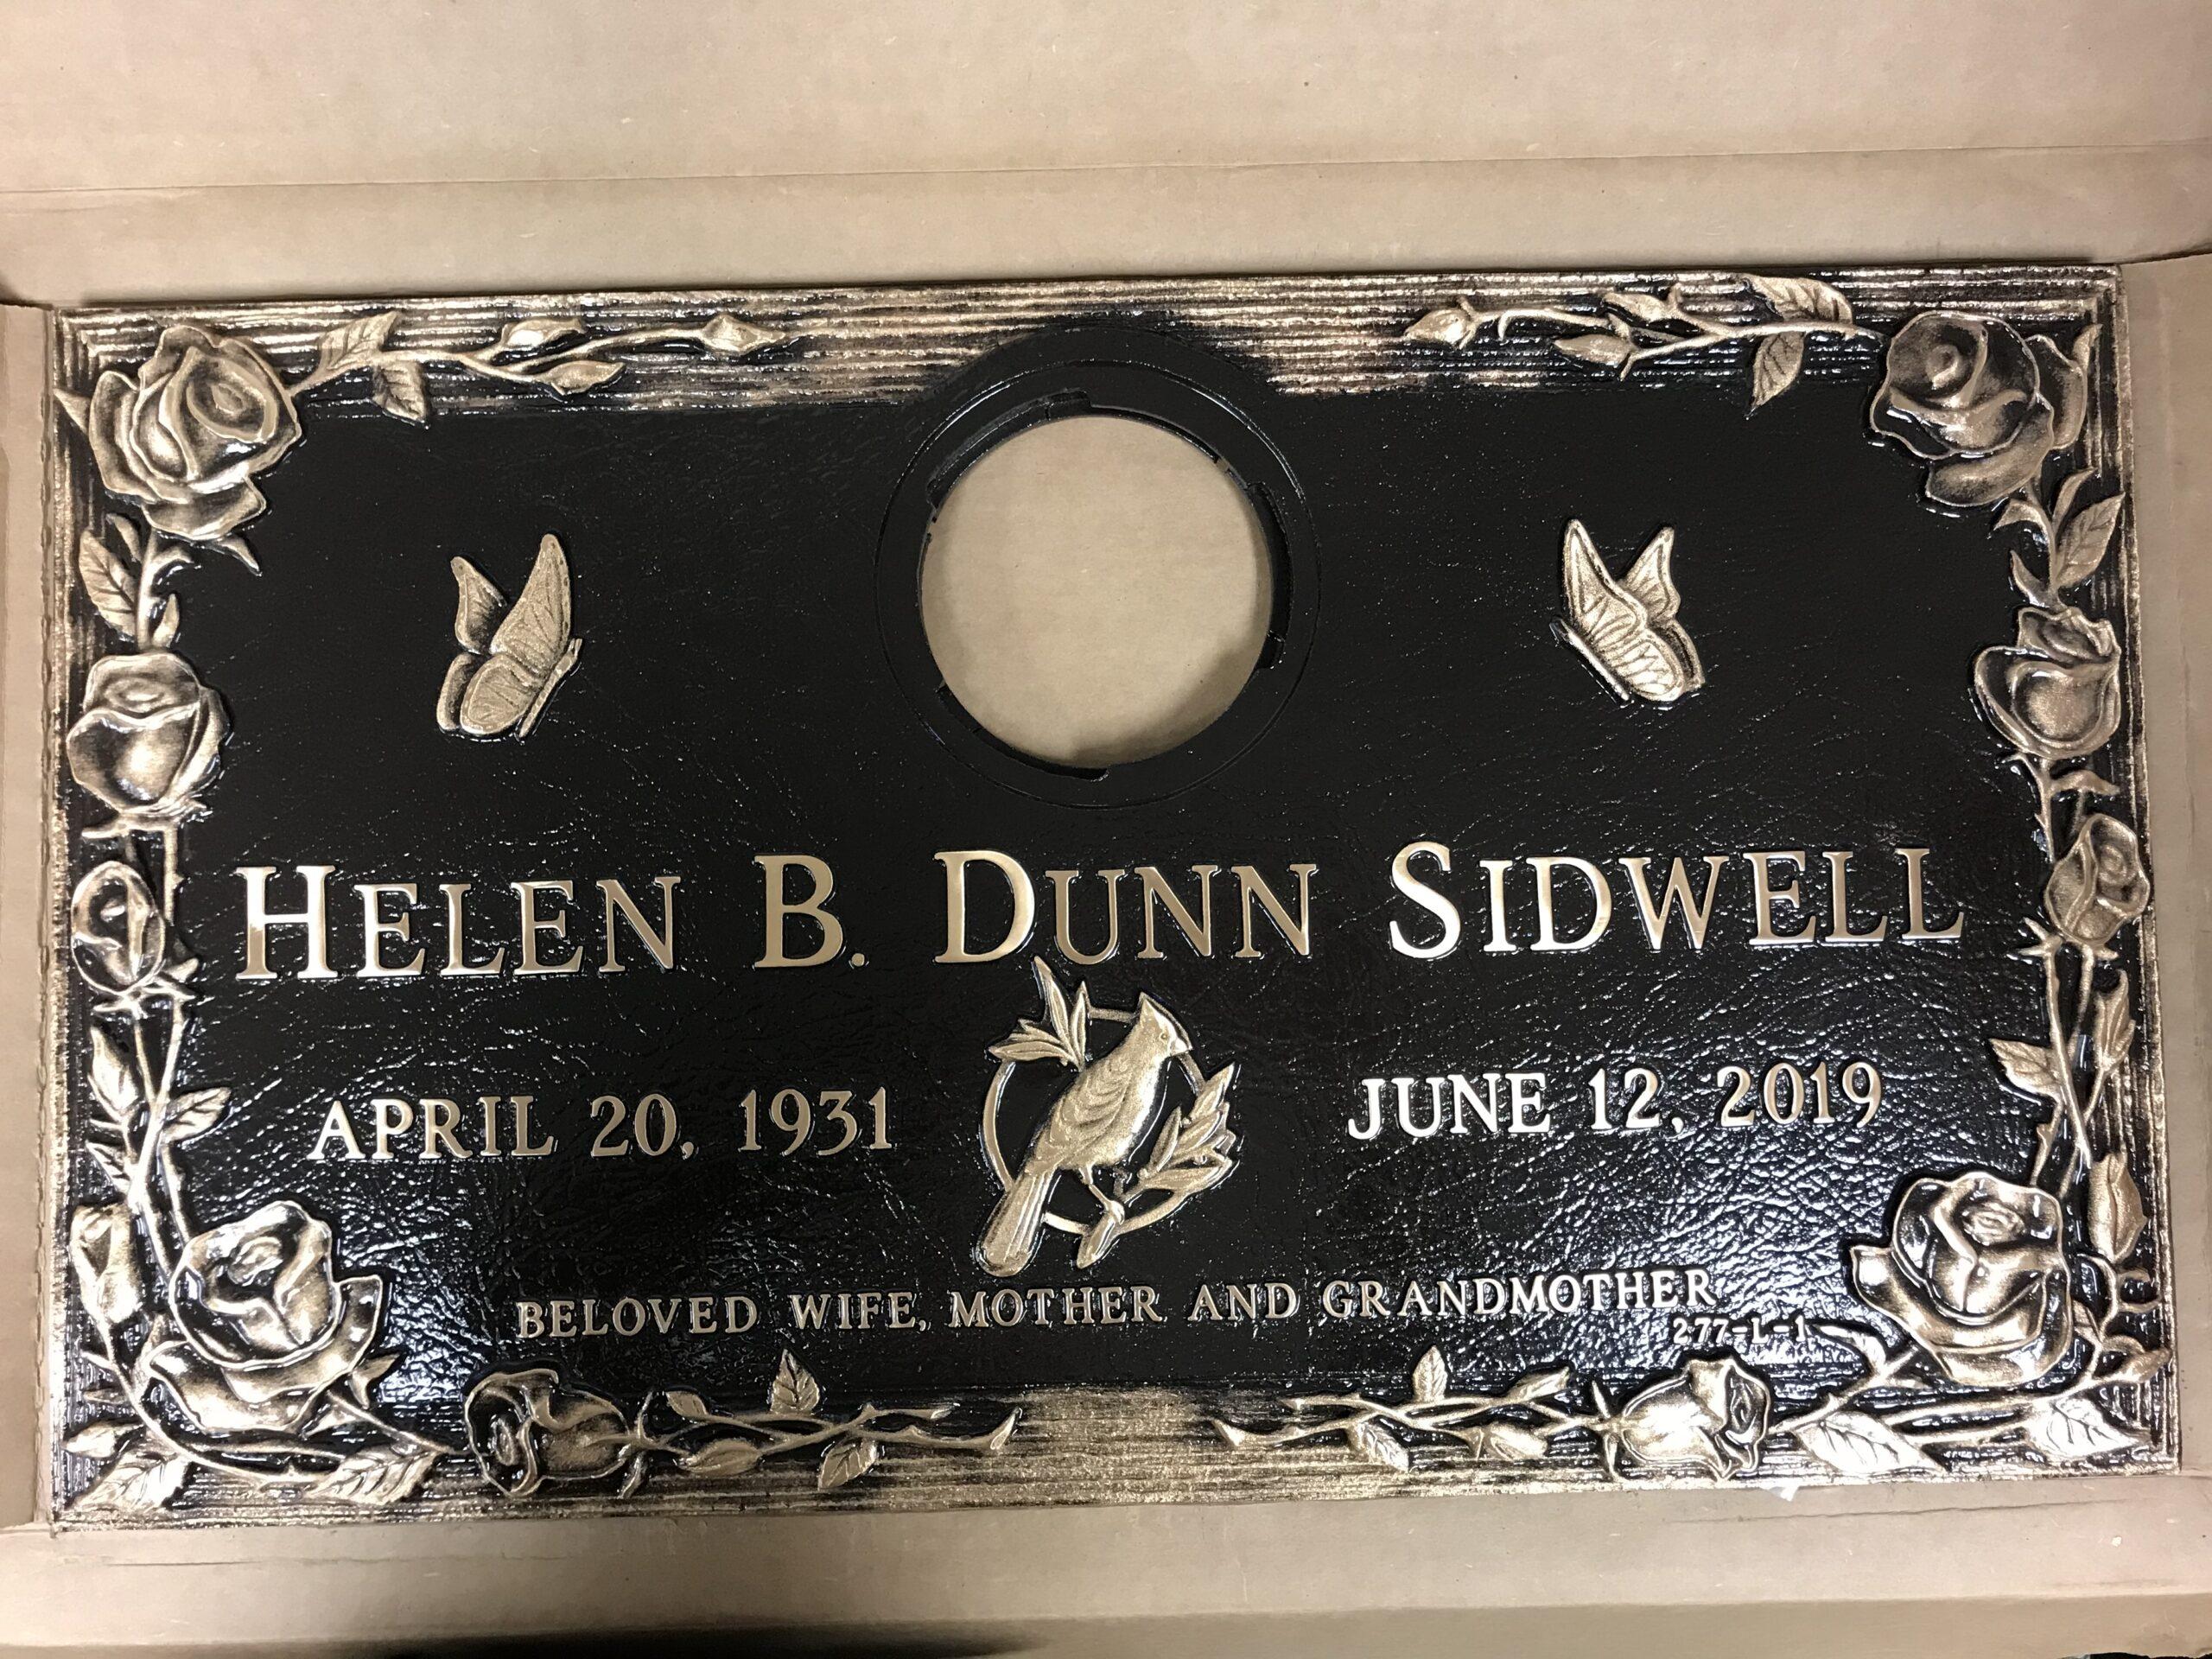 Sidwell, Helen B. Dunn - Zanesville Memorial Park -1